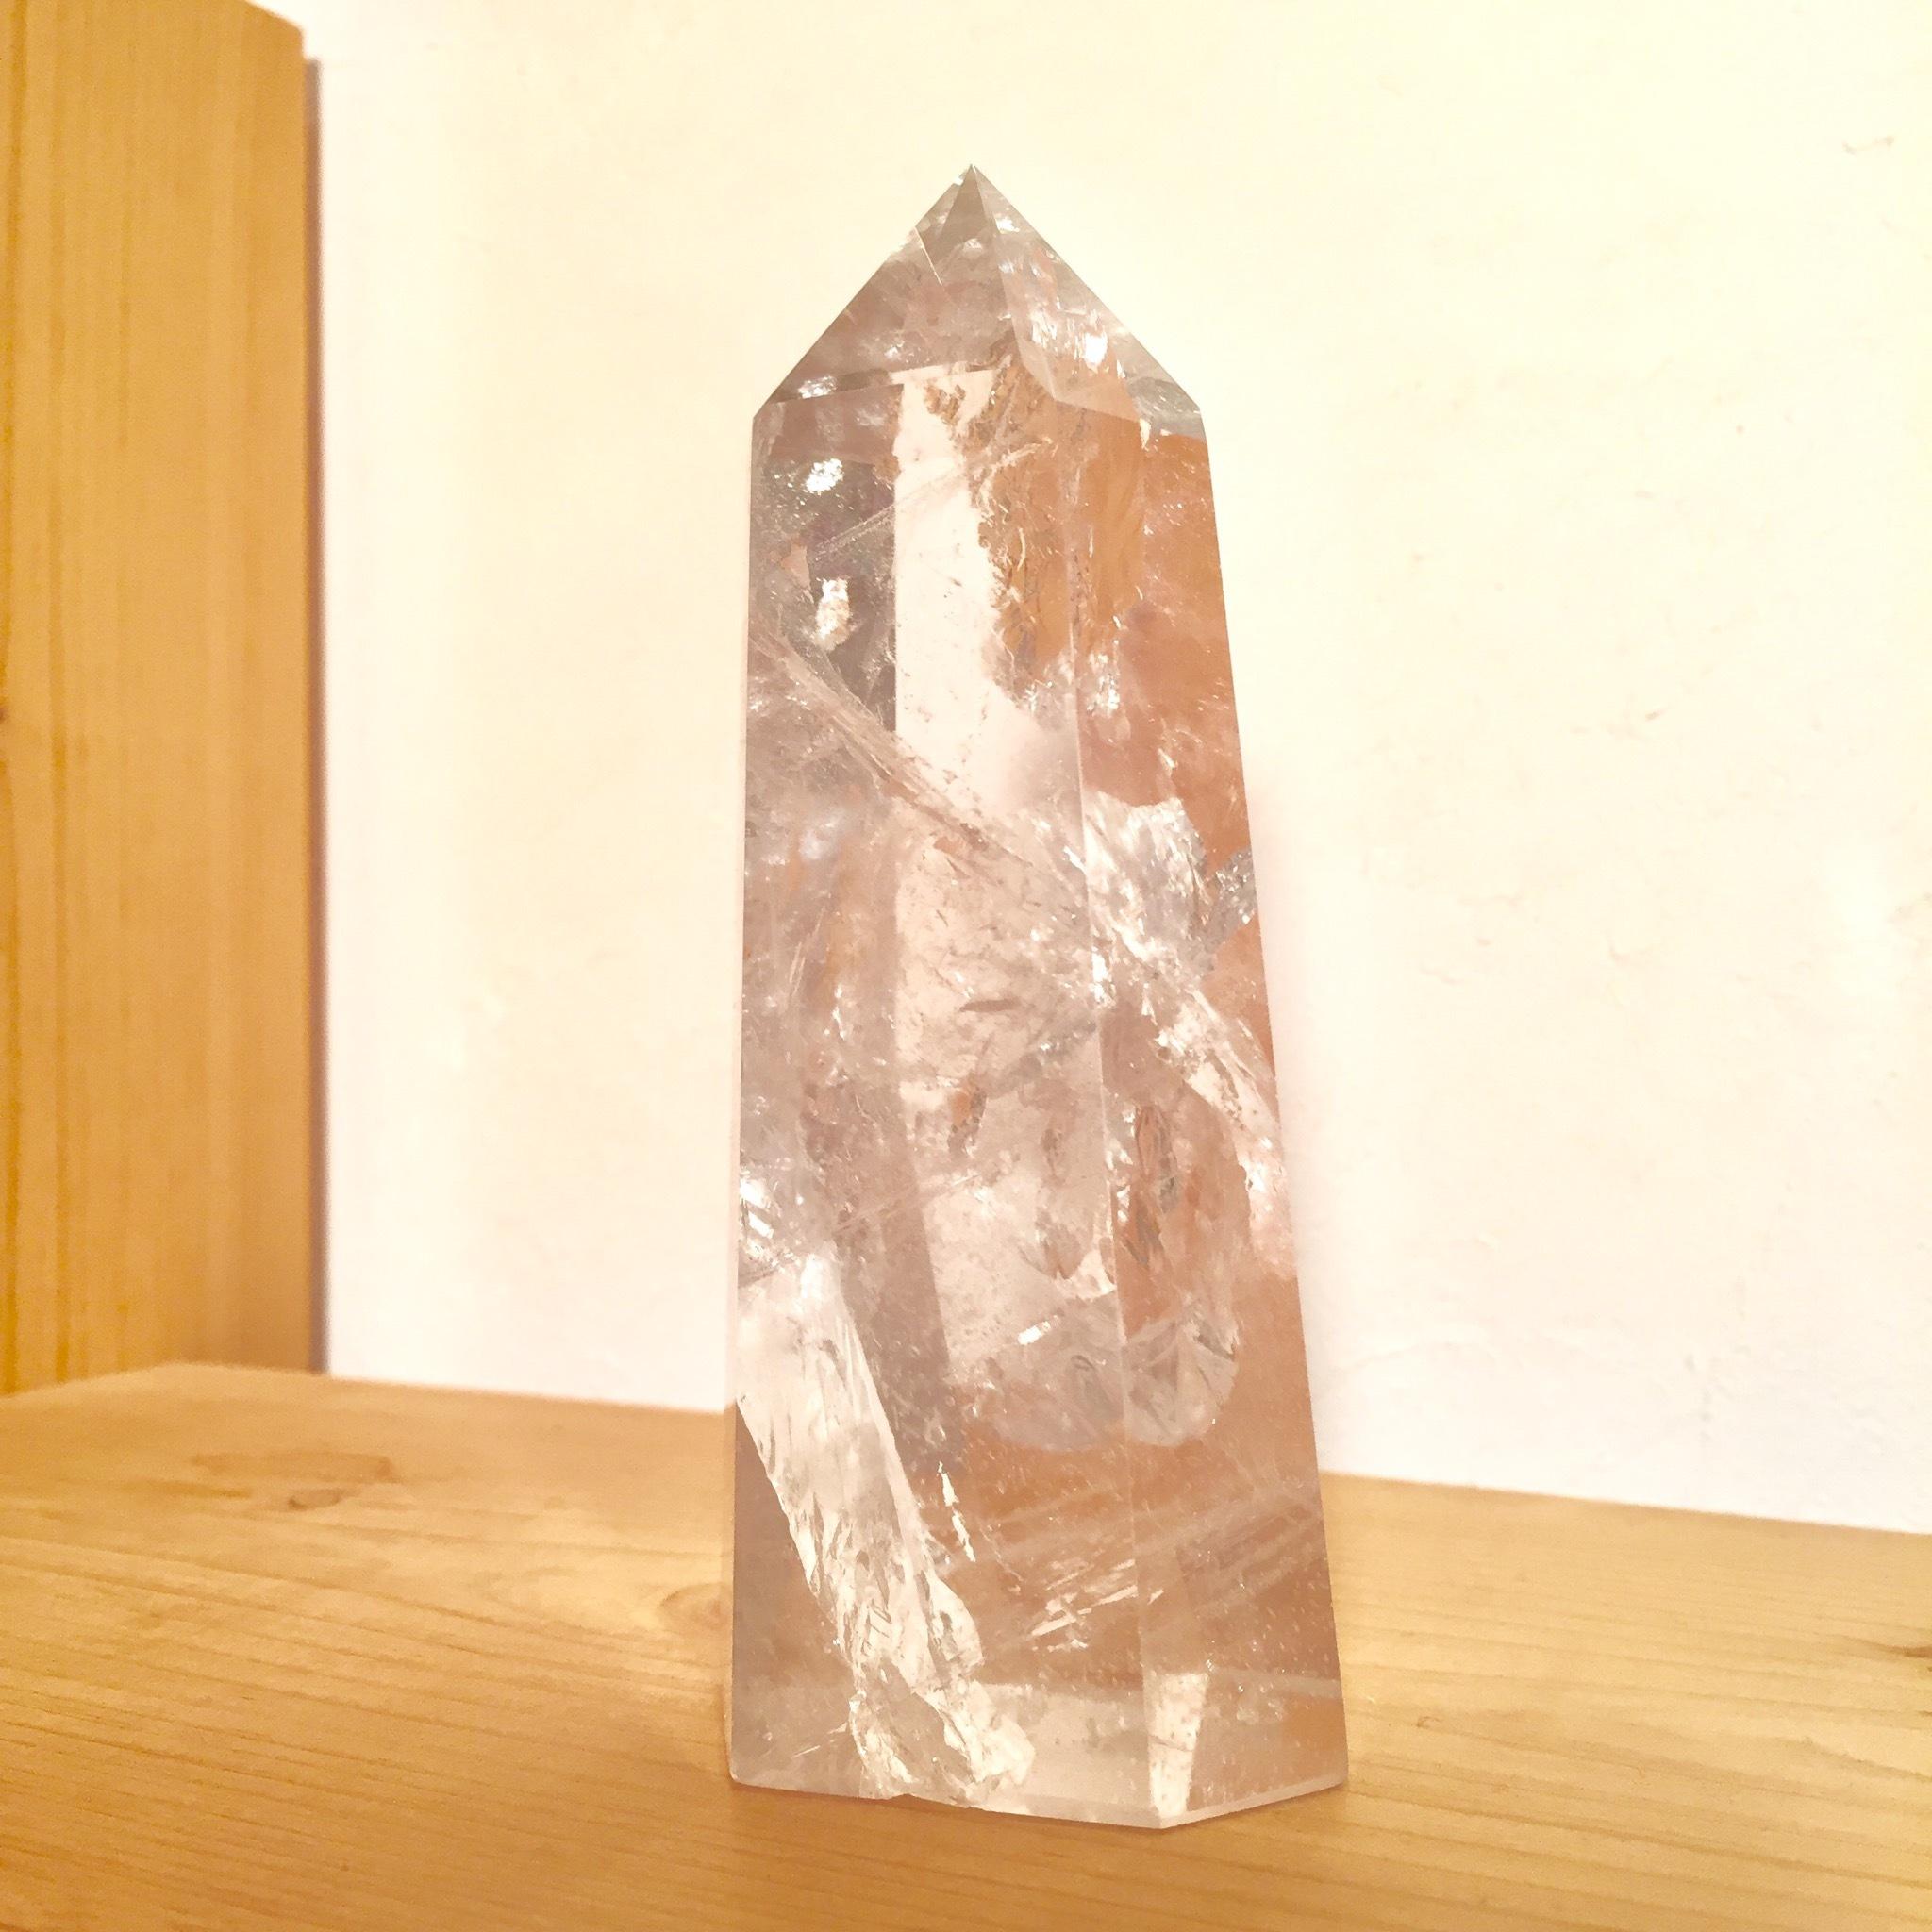 【海響(MIKI)セレクト】ブラジル産 水晶 407g 浄化・コレクション・インテリアに♪